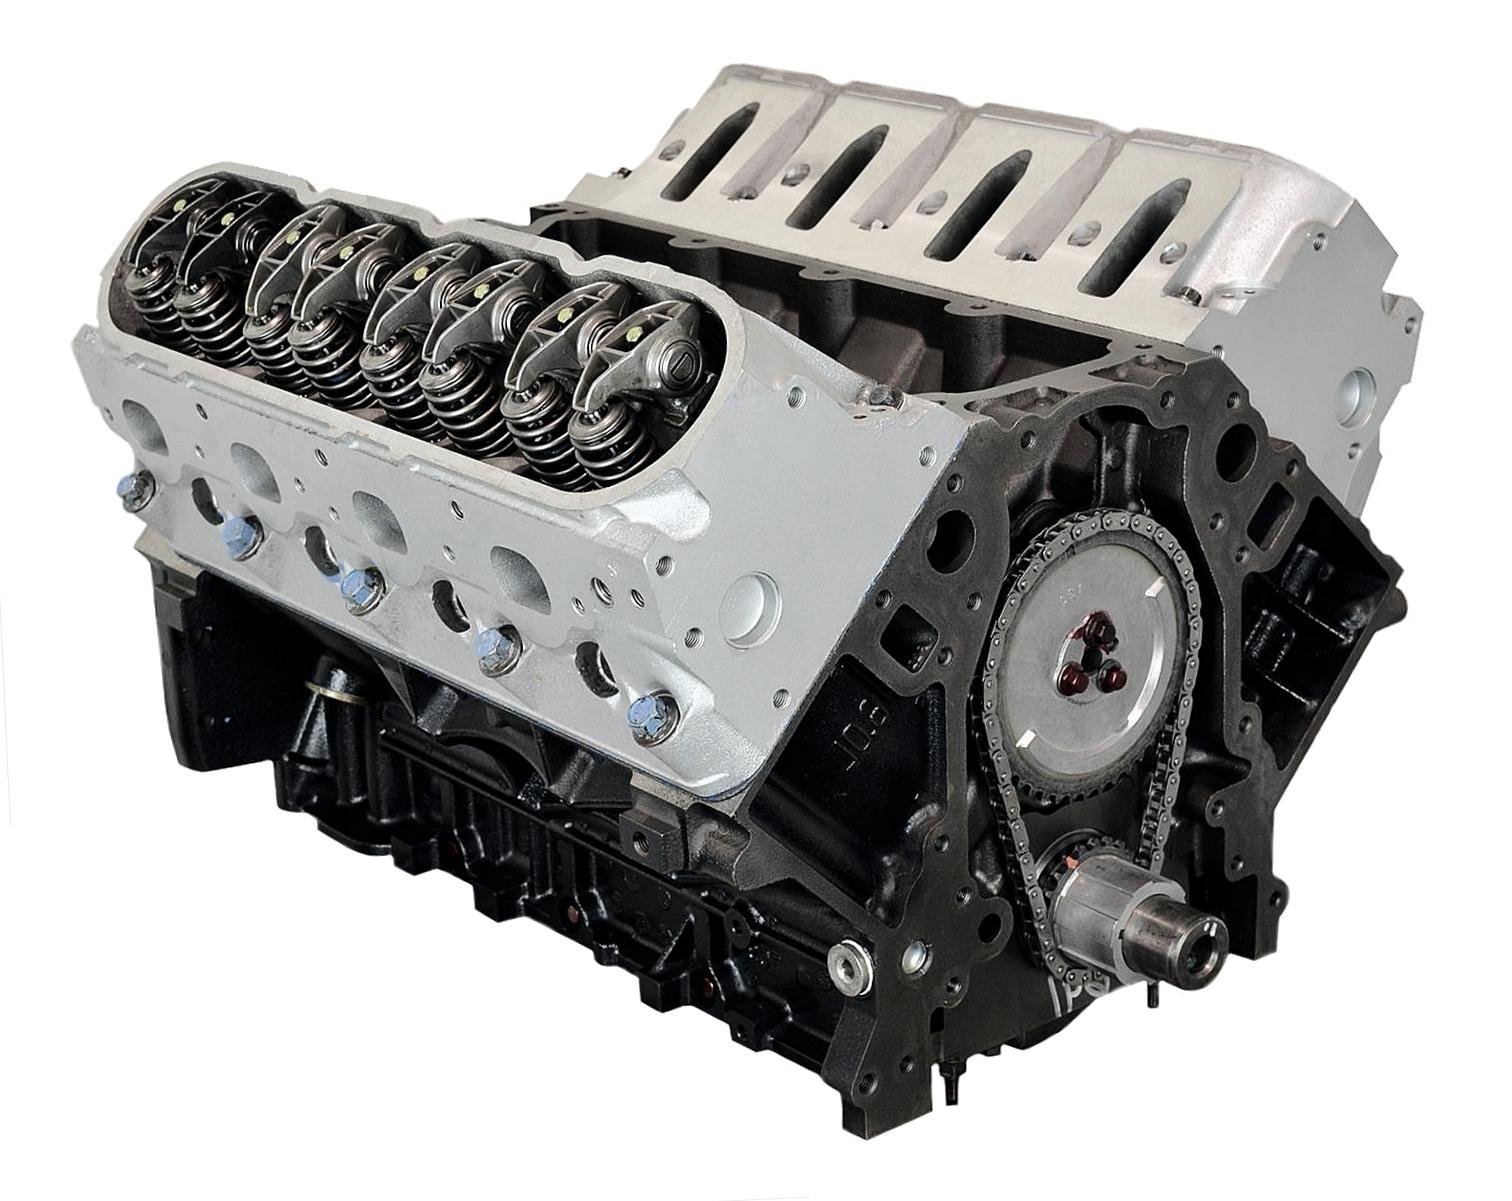 GMC Sierra 2500 - 5.3 LM7 Engine - 1999-2000 (Vin Code: T)